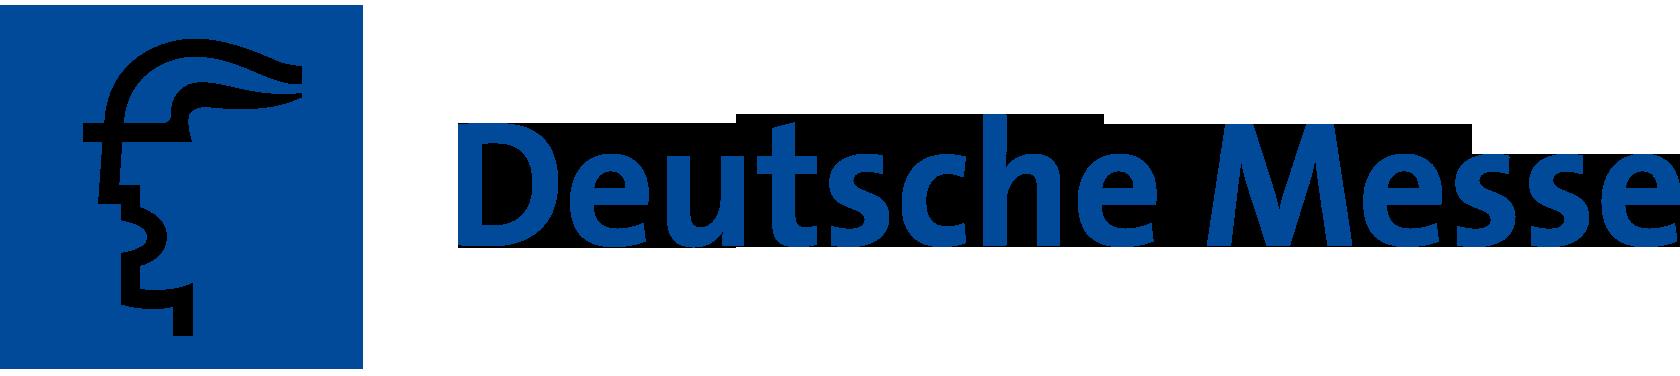 deutsche-messe-ag-logo